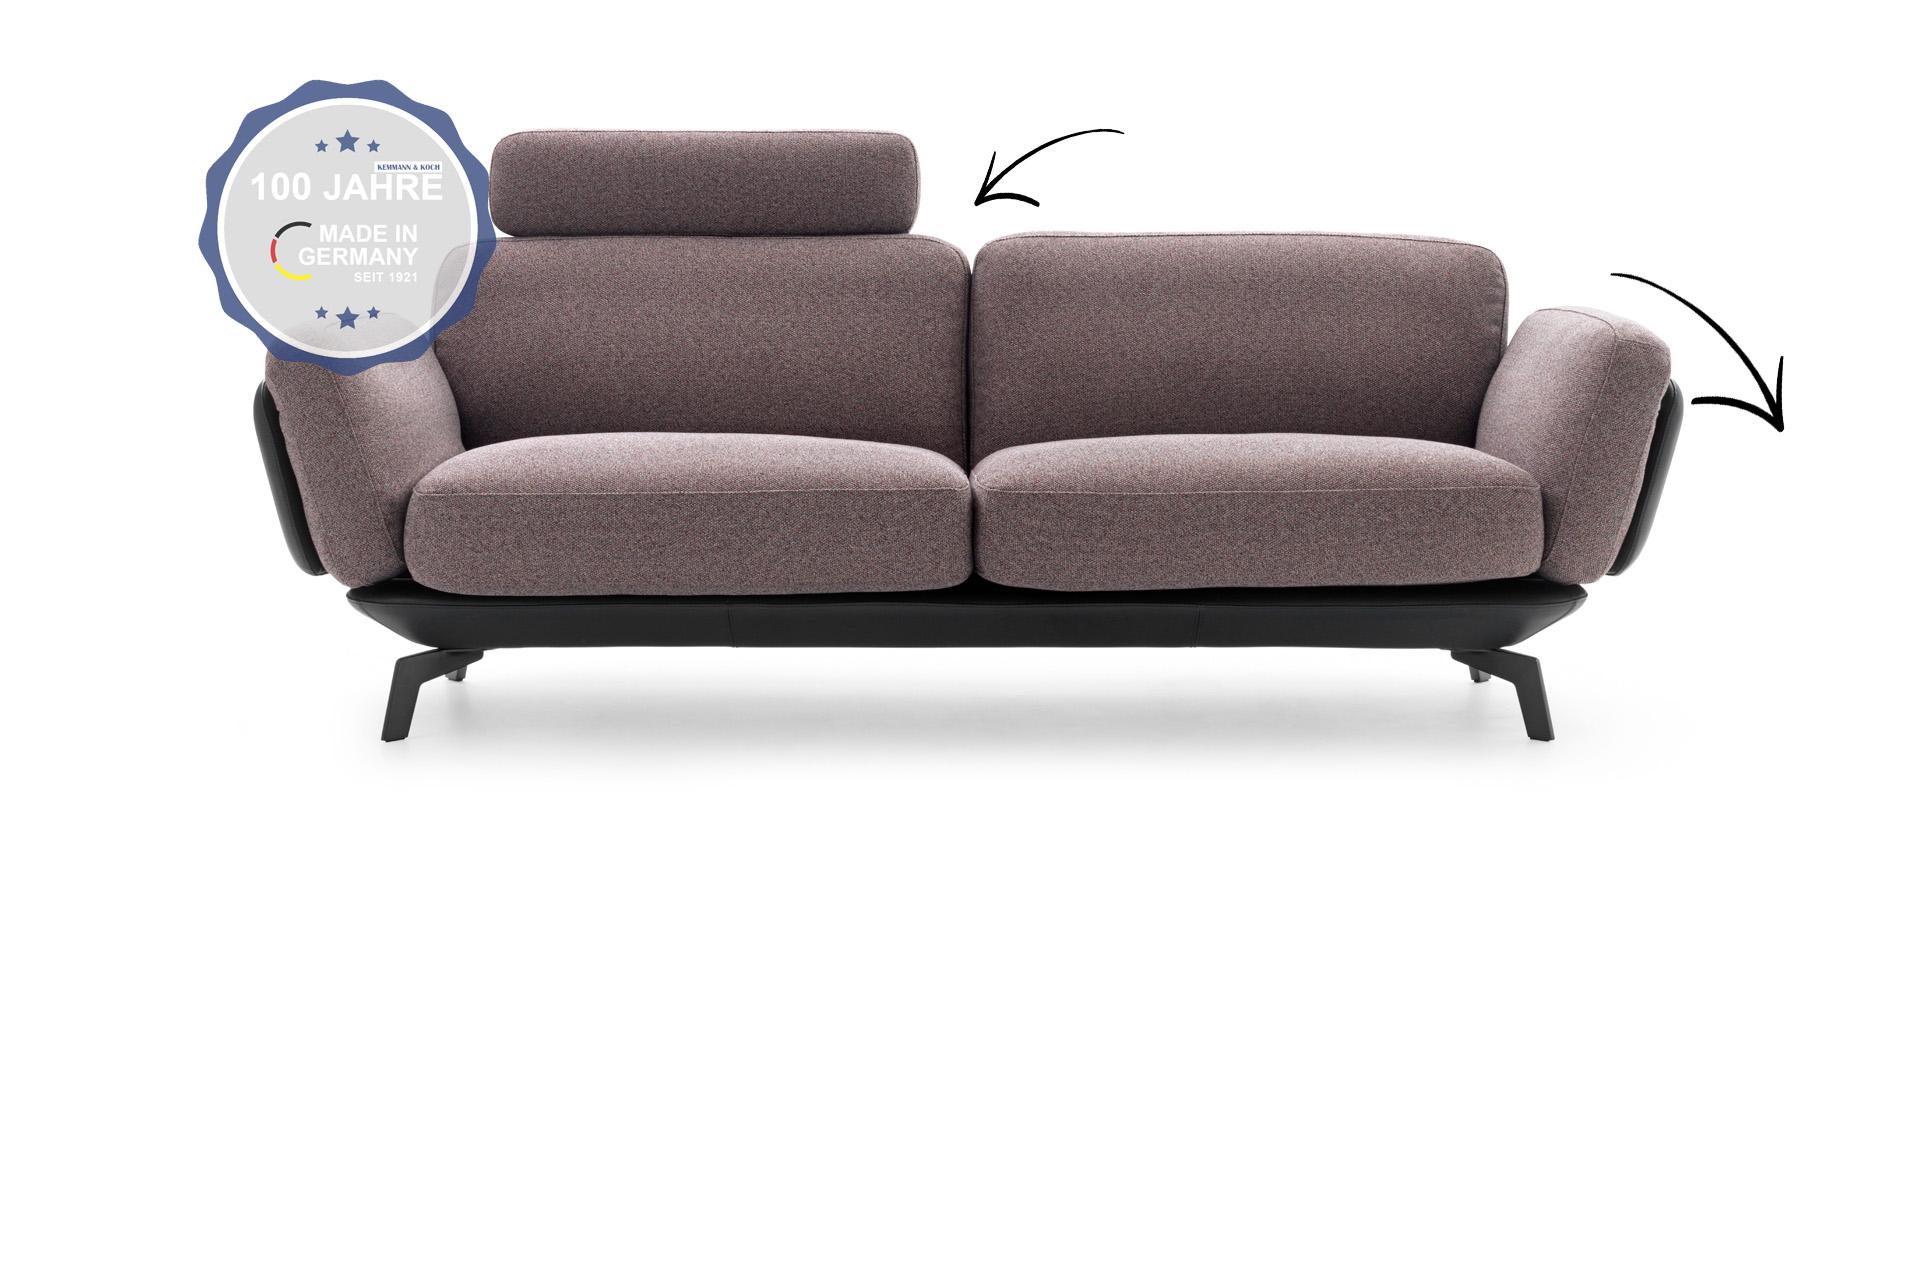 Polstergelenke in Sofa verbaut